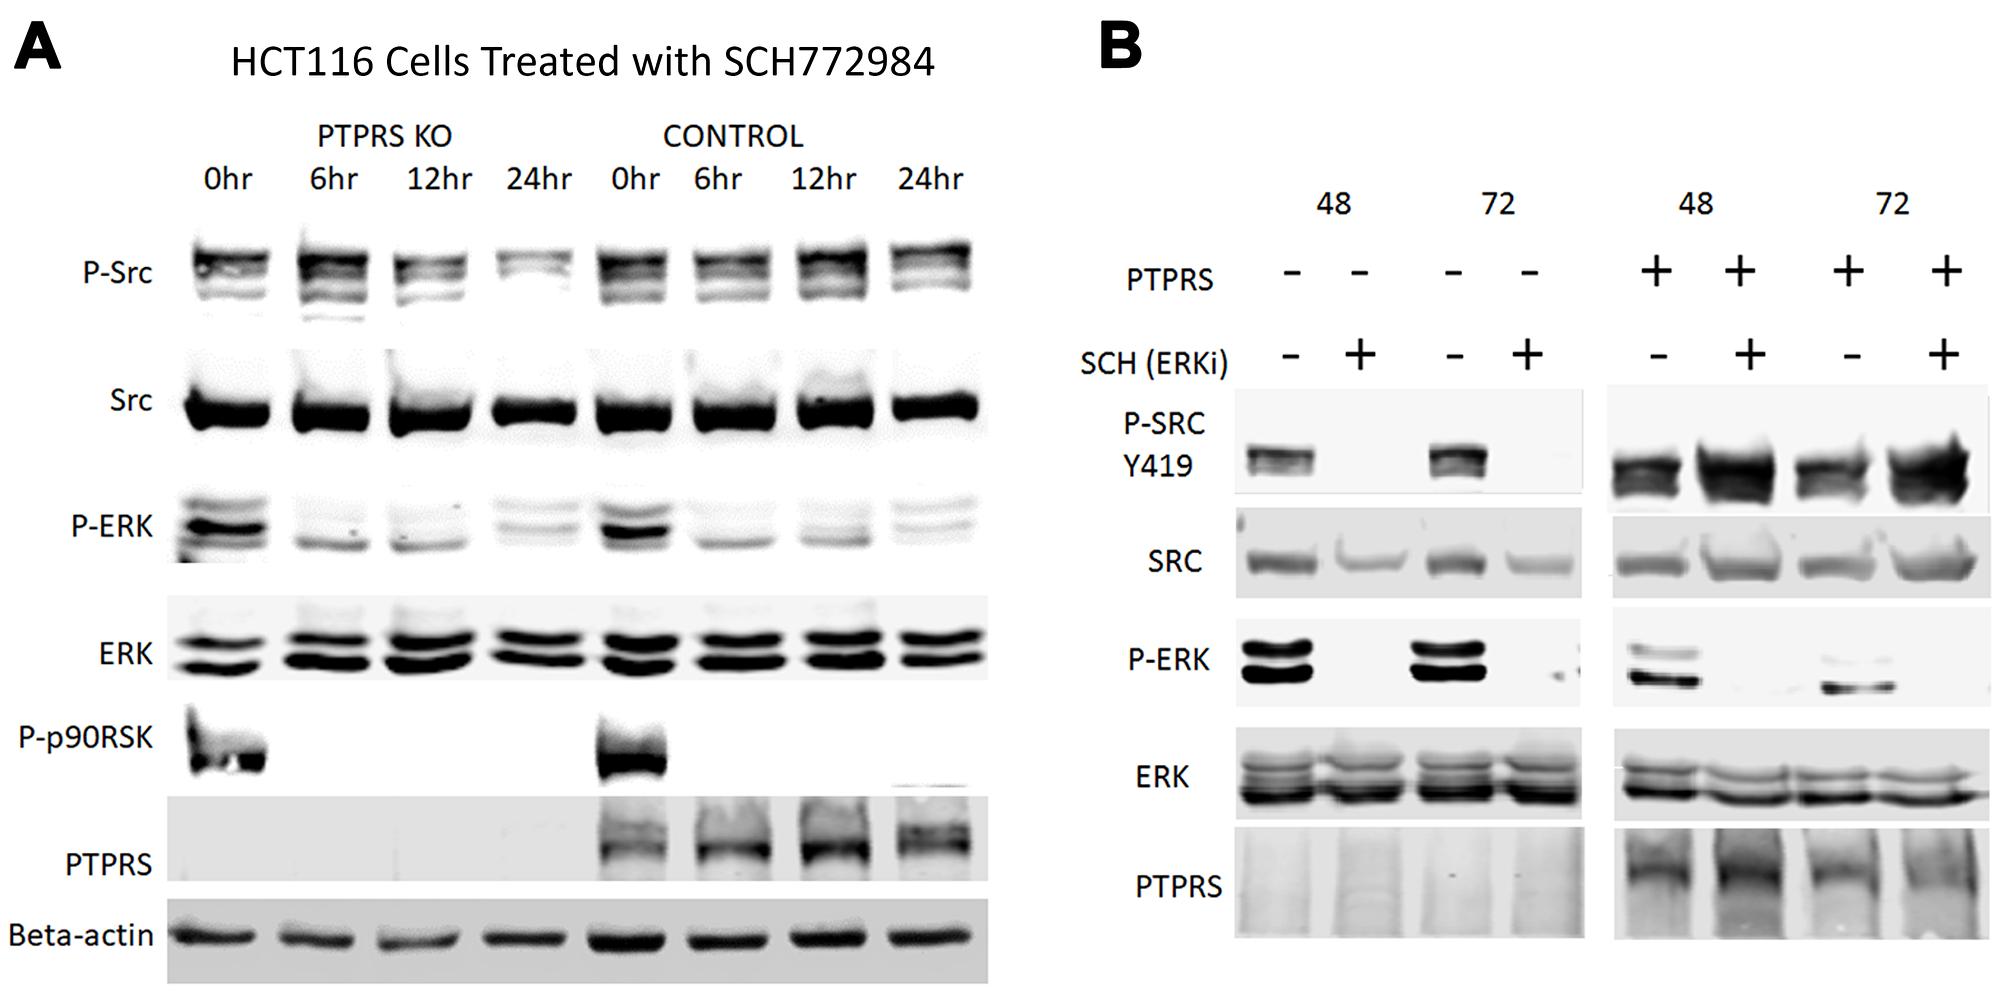 SRC activation in response to ERK inhibition is PTPRS dependent.